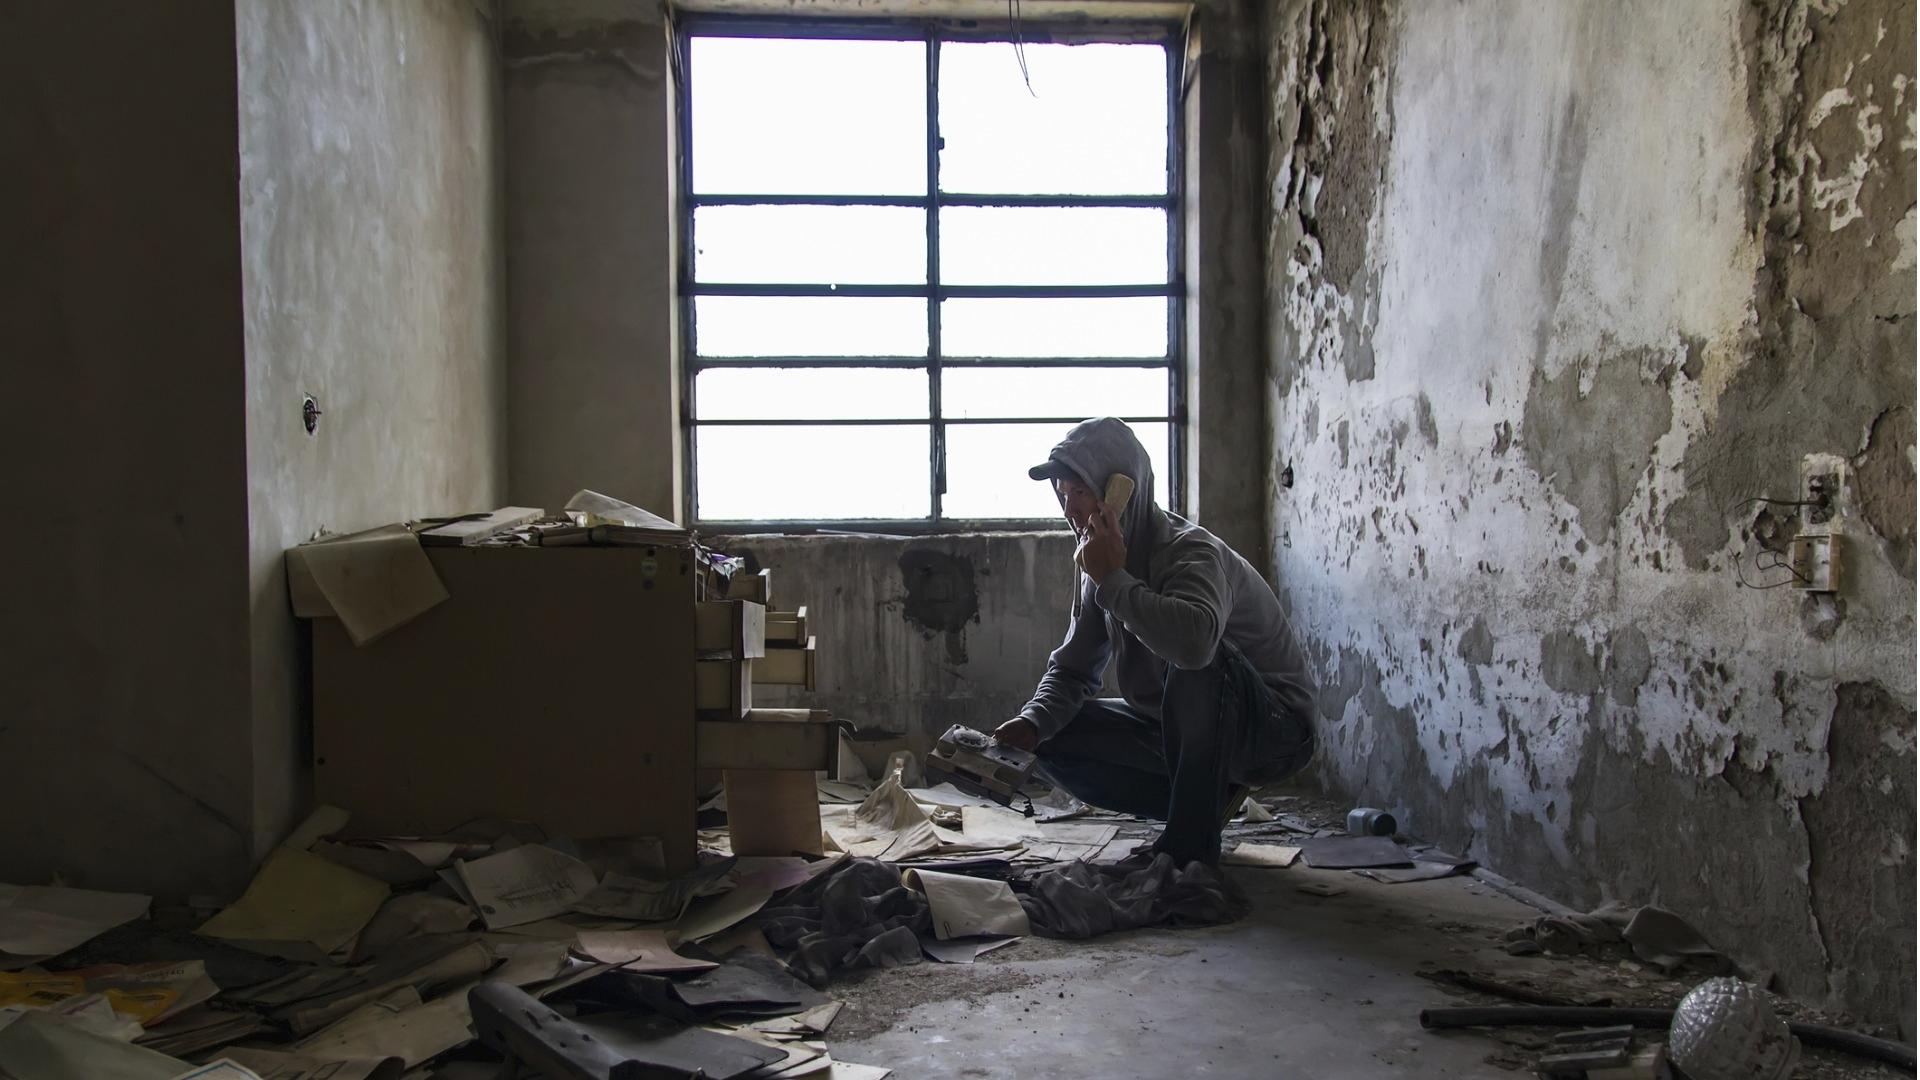 Hyvityksen ääirikoistolaiset pitävät majaa hylätyssä teollisuusrakennuksessa Porissa.